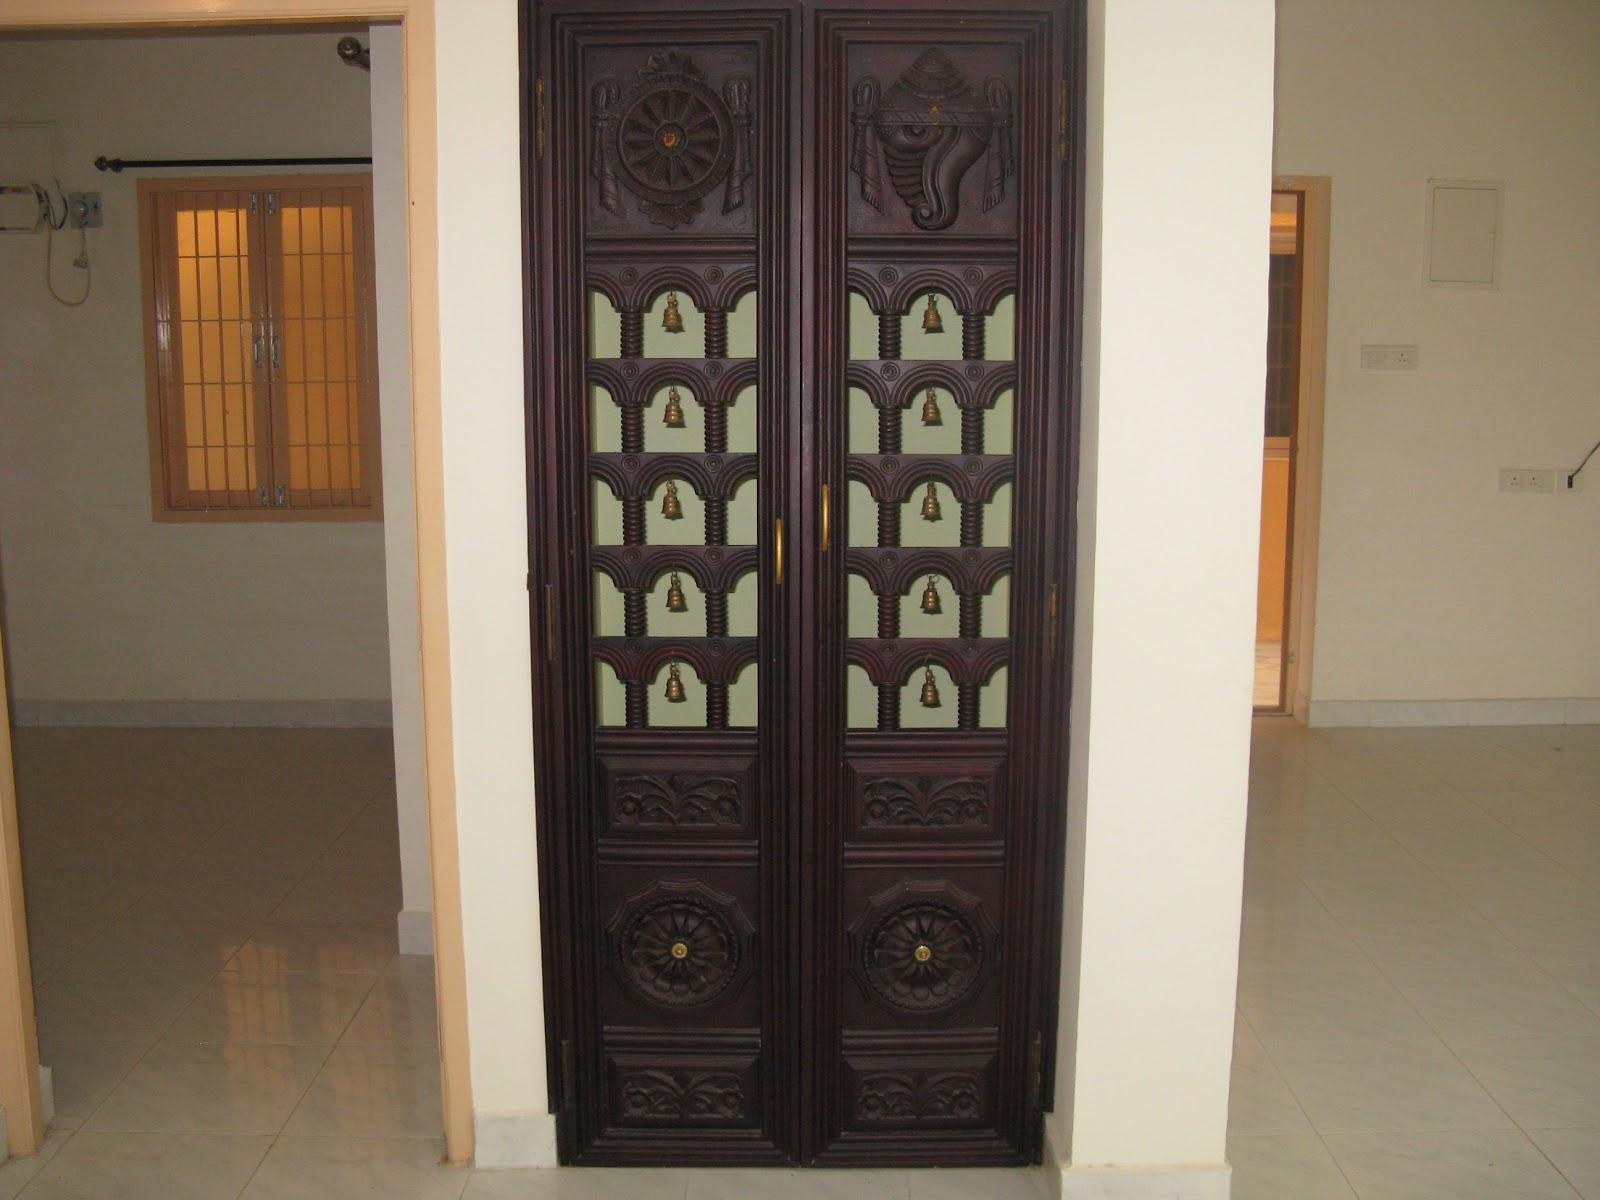 Pooja designs for your pooja doors for Room door design ideas